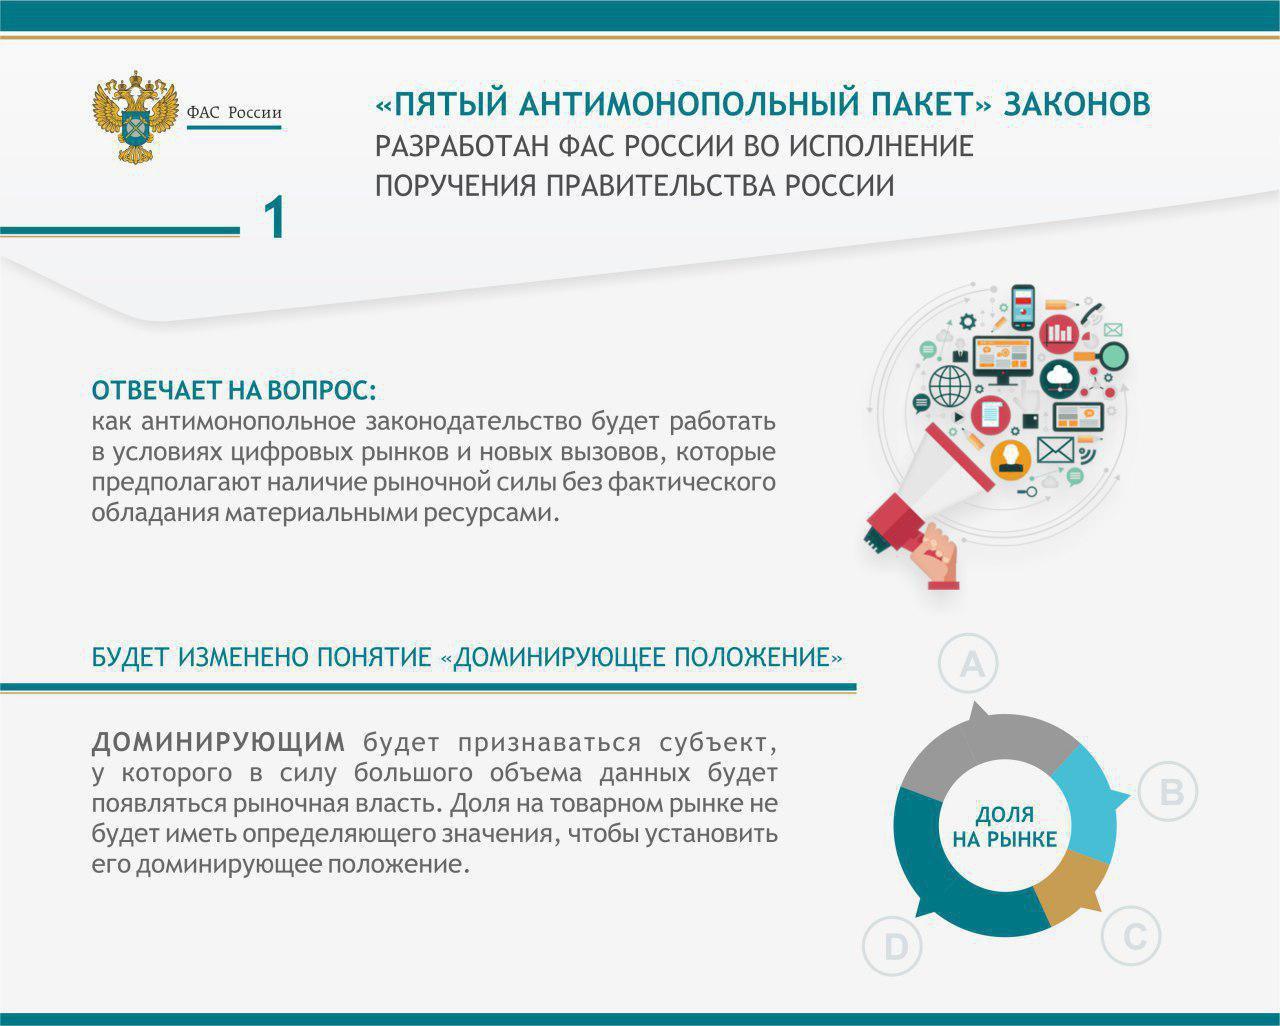 ФАС отрегулирует цифровые платформы